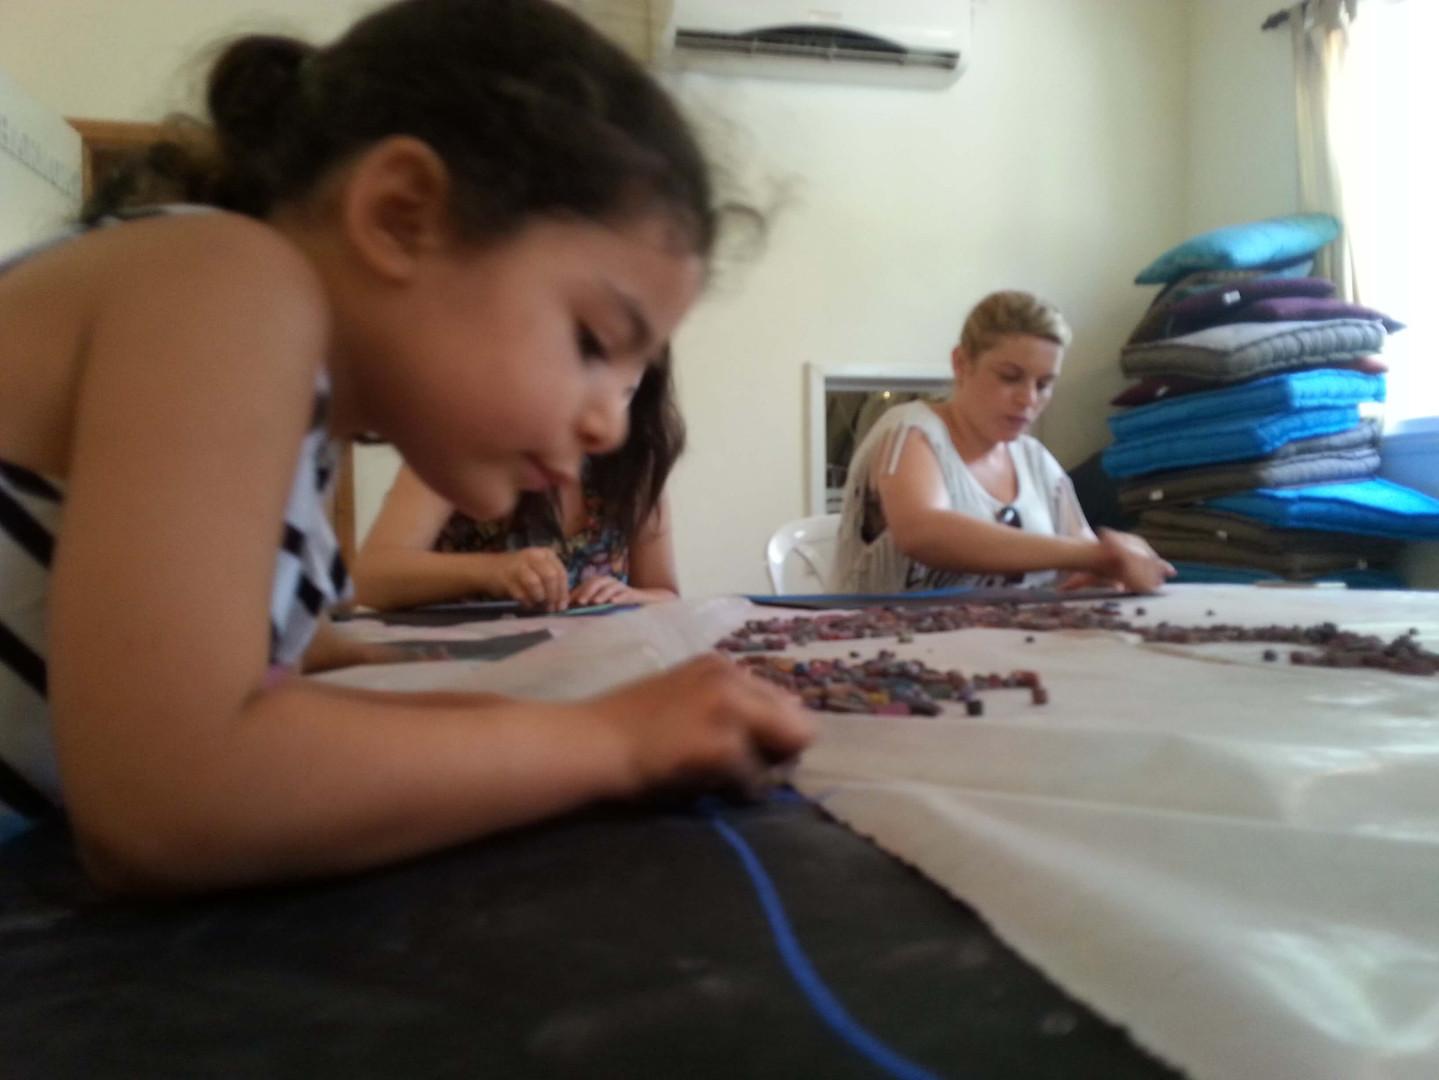 ילדונת מציירת ציור אינטואיטיבי